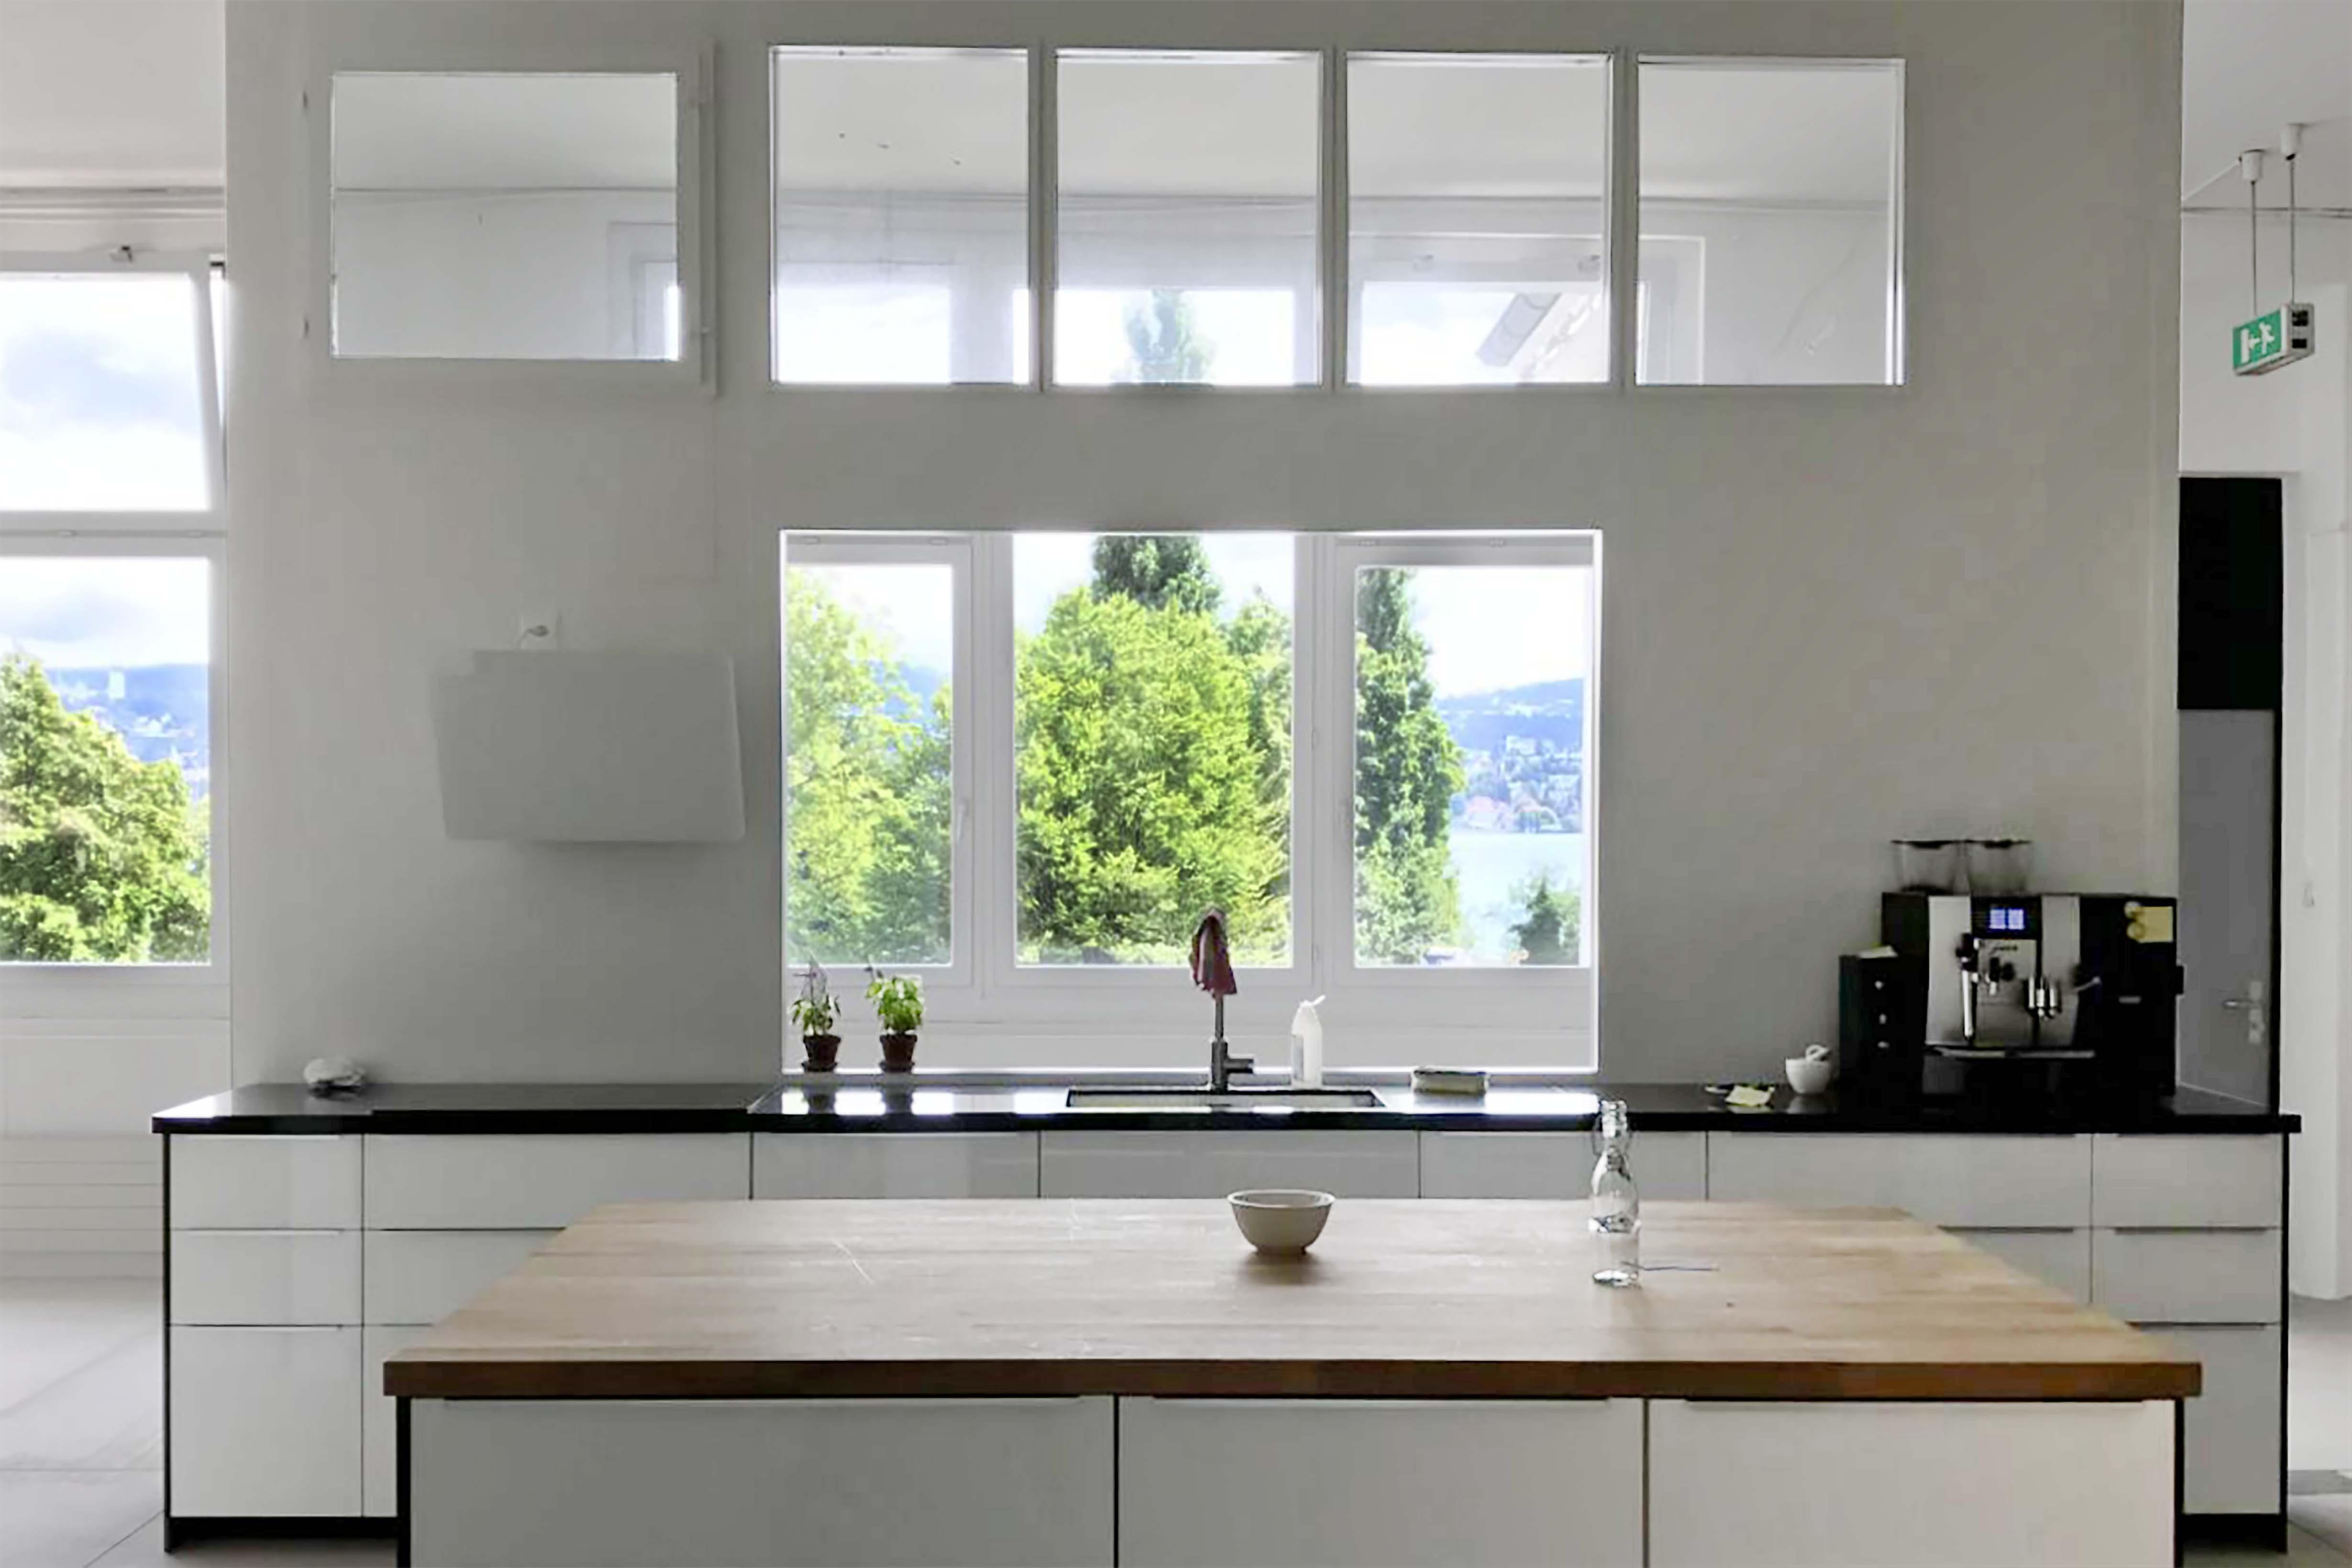 Büro Mieten, Seesicht, Fensterei, Joylab, maison @ Wollishofen Severa